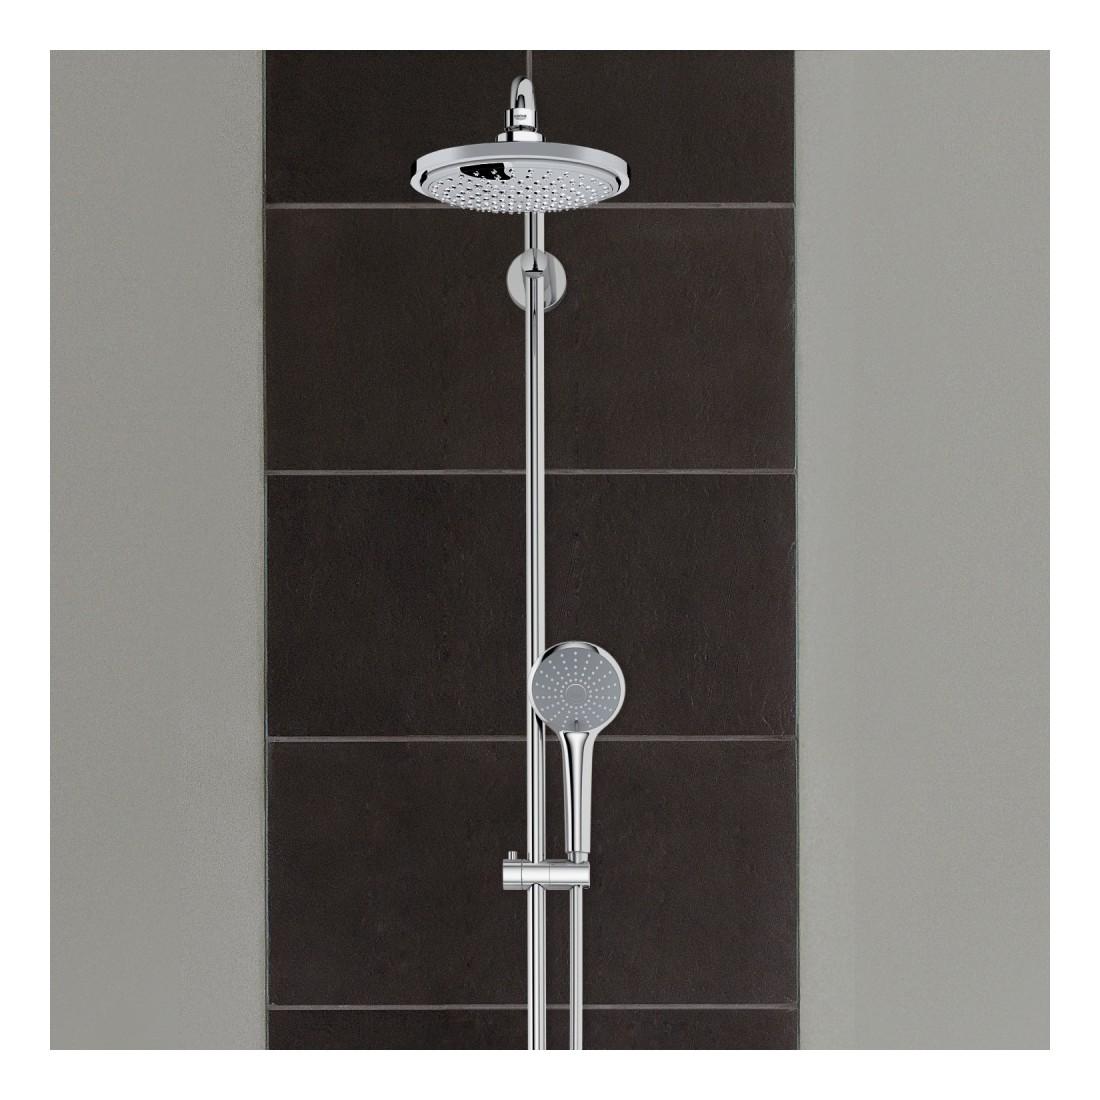 Stacionari dušo sistema Grohe, Euphoria 180, su termostatiniu maišytuvu